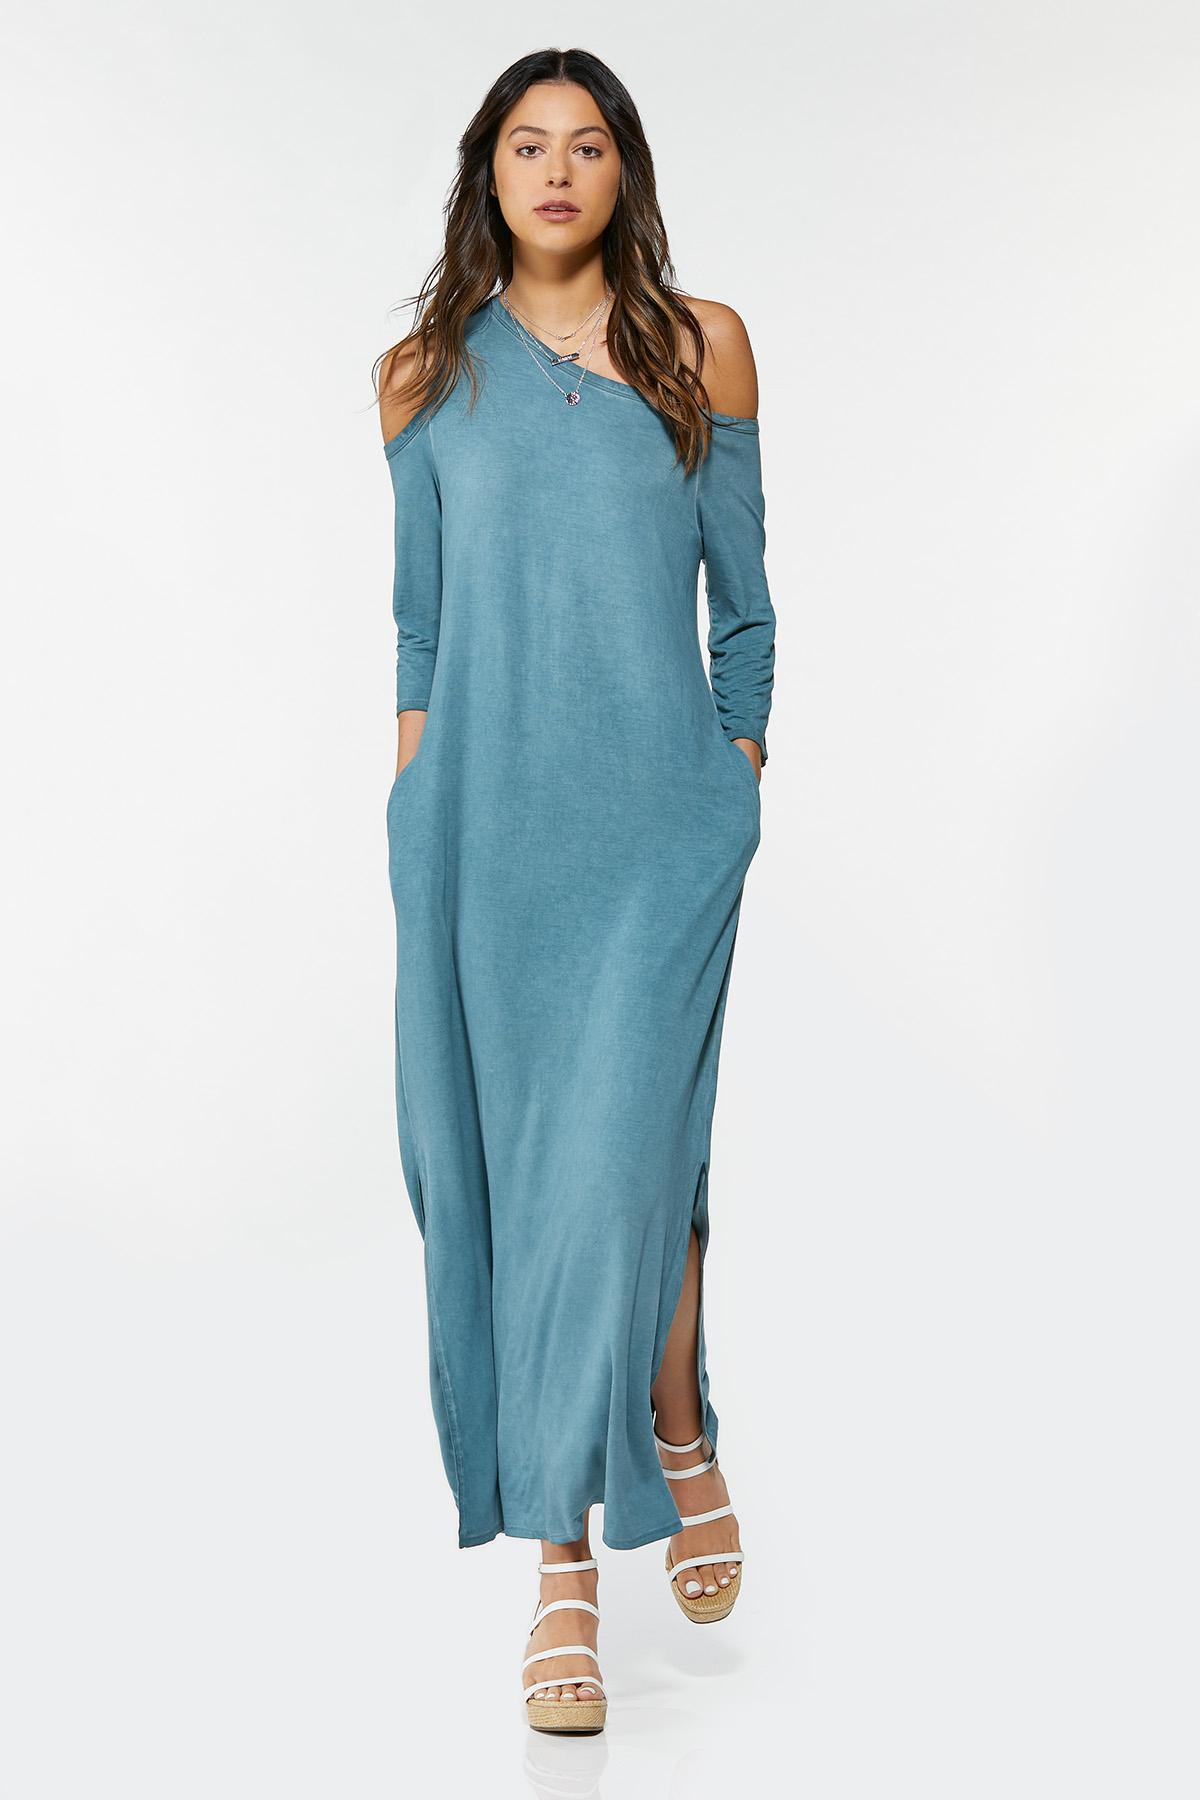 Plus Size Asymmetrical Cold Shoulder Dress